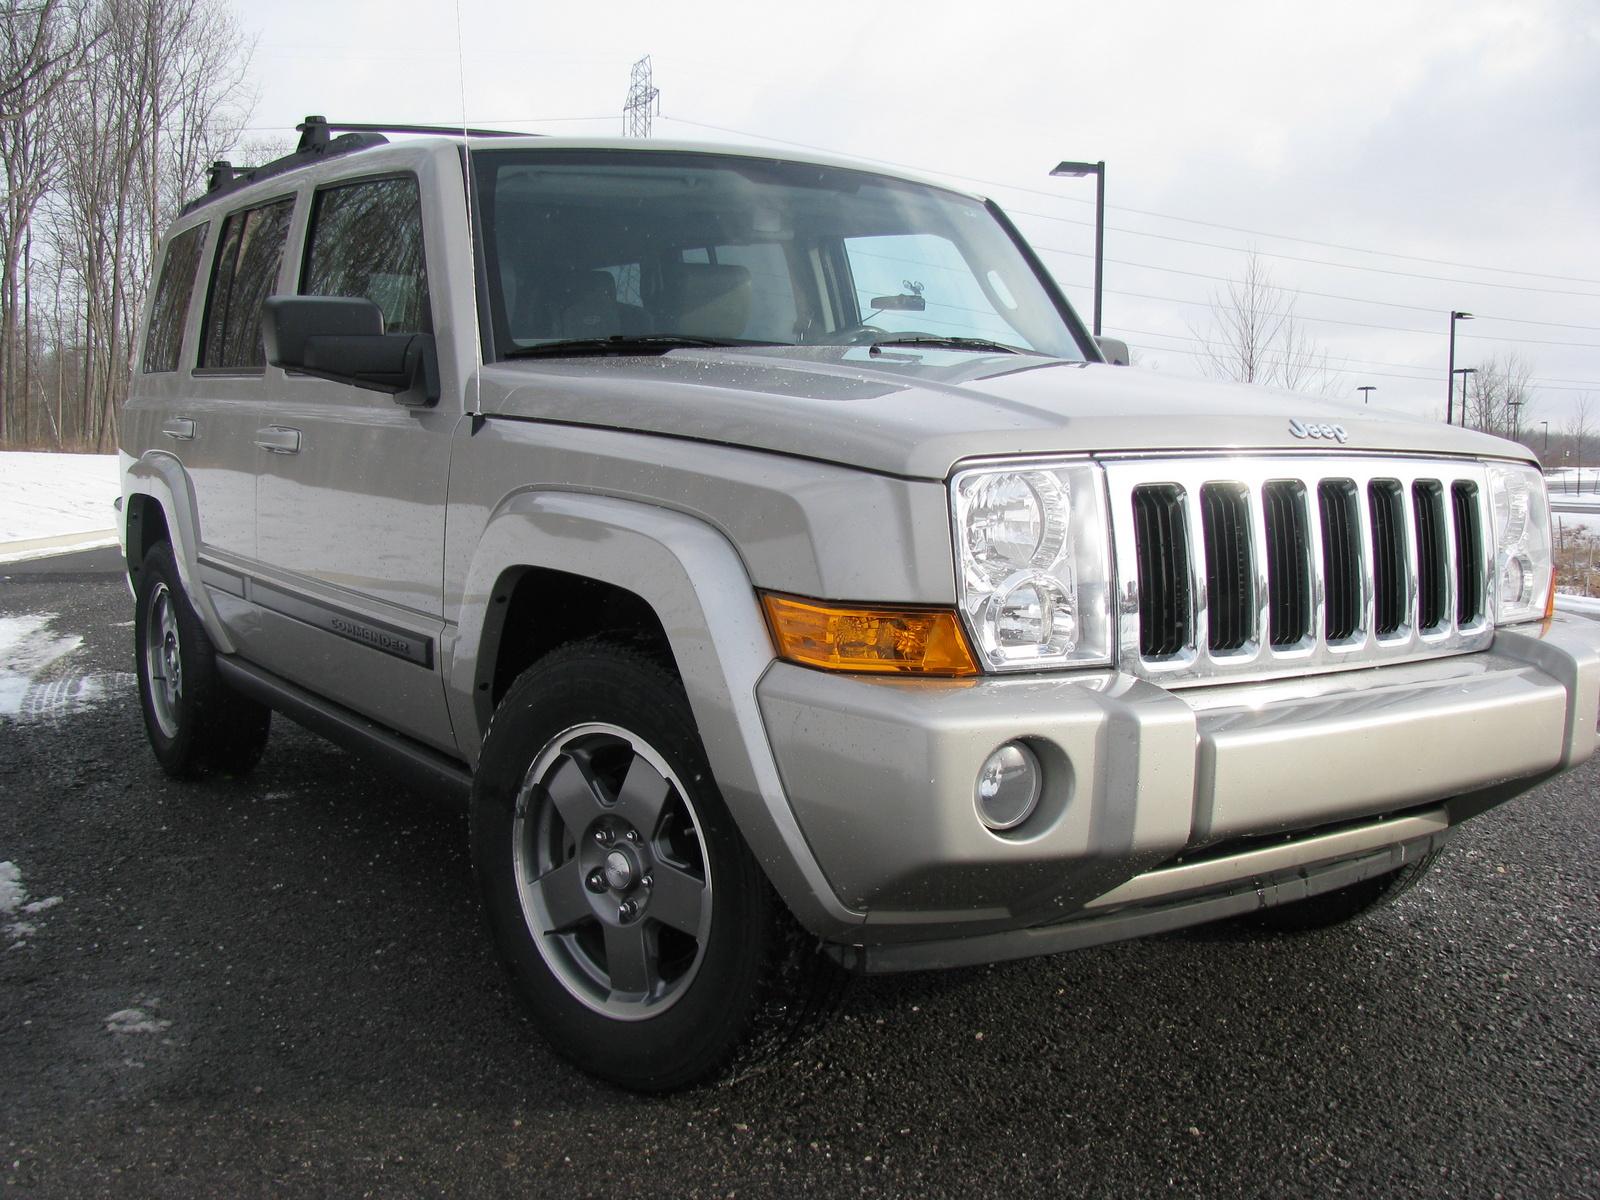 2007 Jeep Commander Exterior Pictures Cargurus